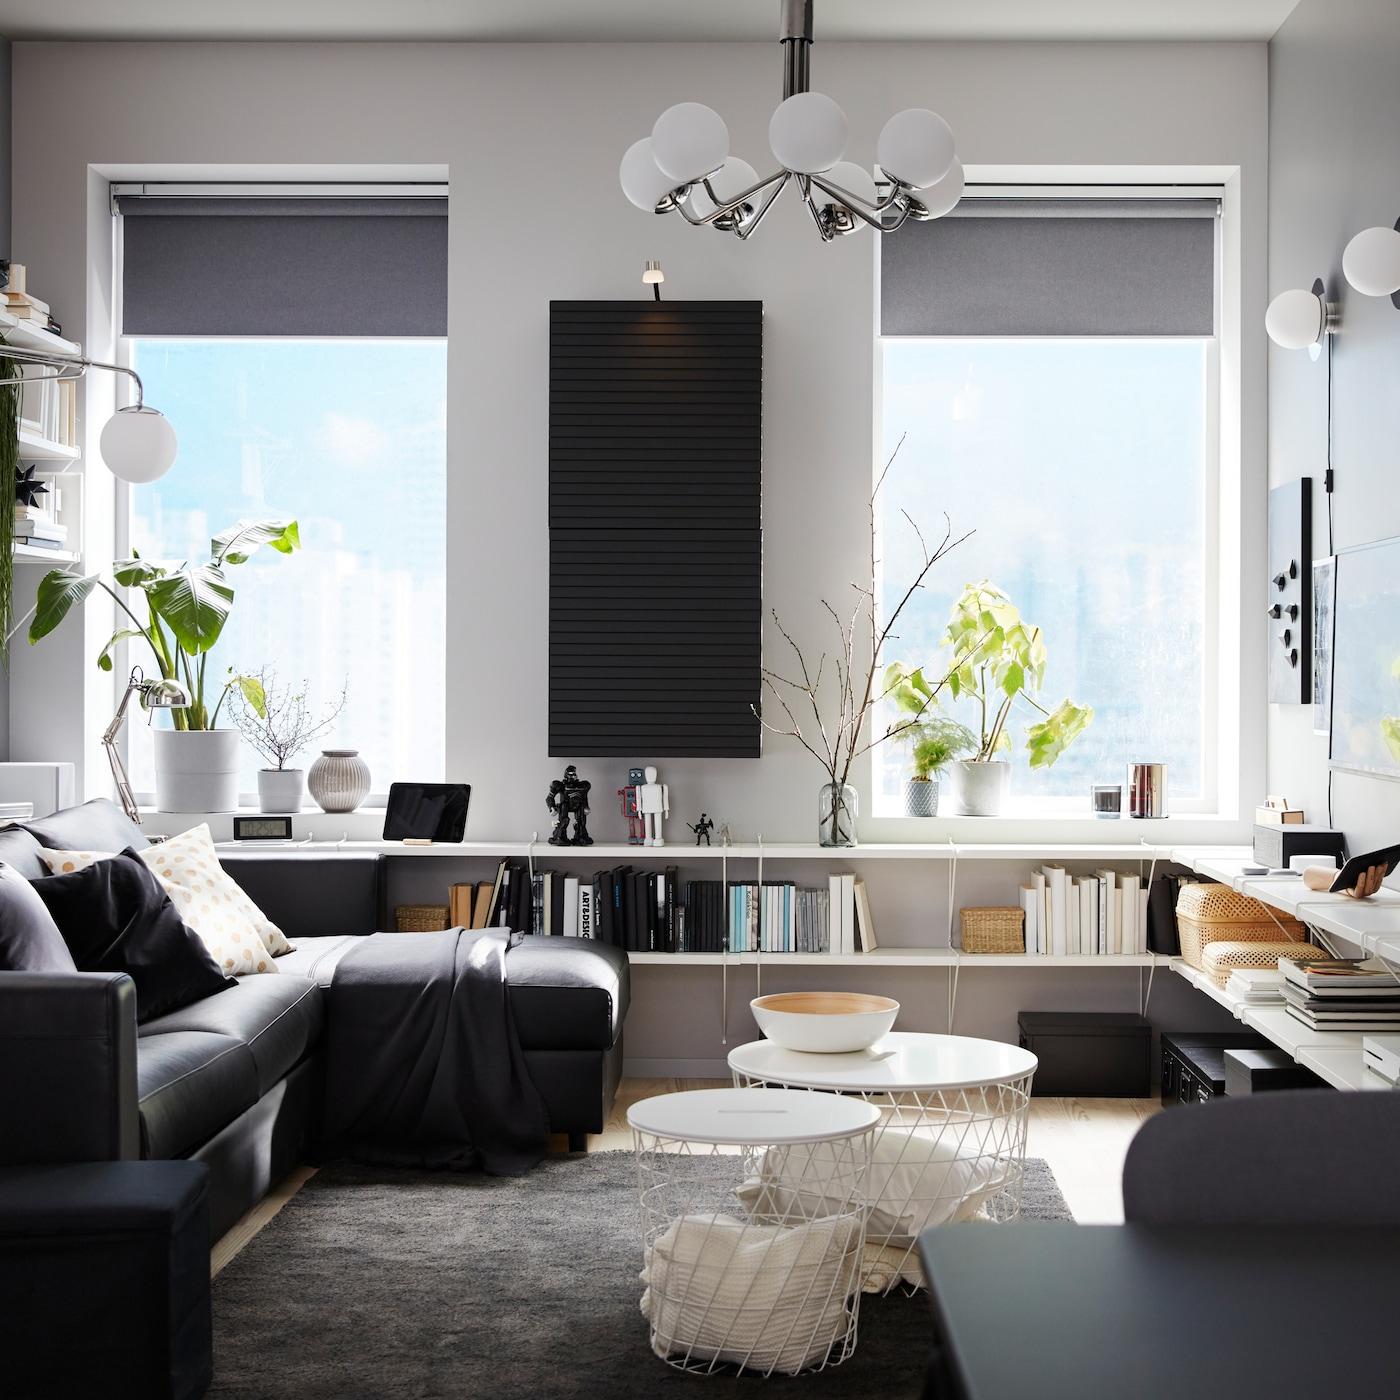 Vardagsrum med svart bäddsoffa med schäslong, vita hyllor, väggmonterat skåp i antracit samt mörkgrå matta.